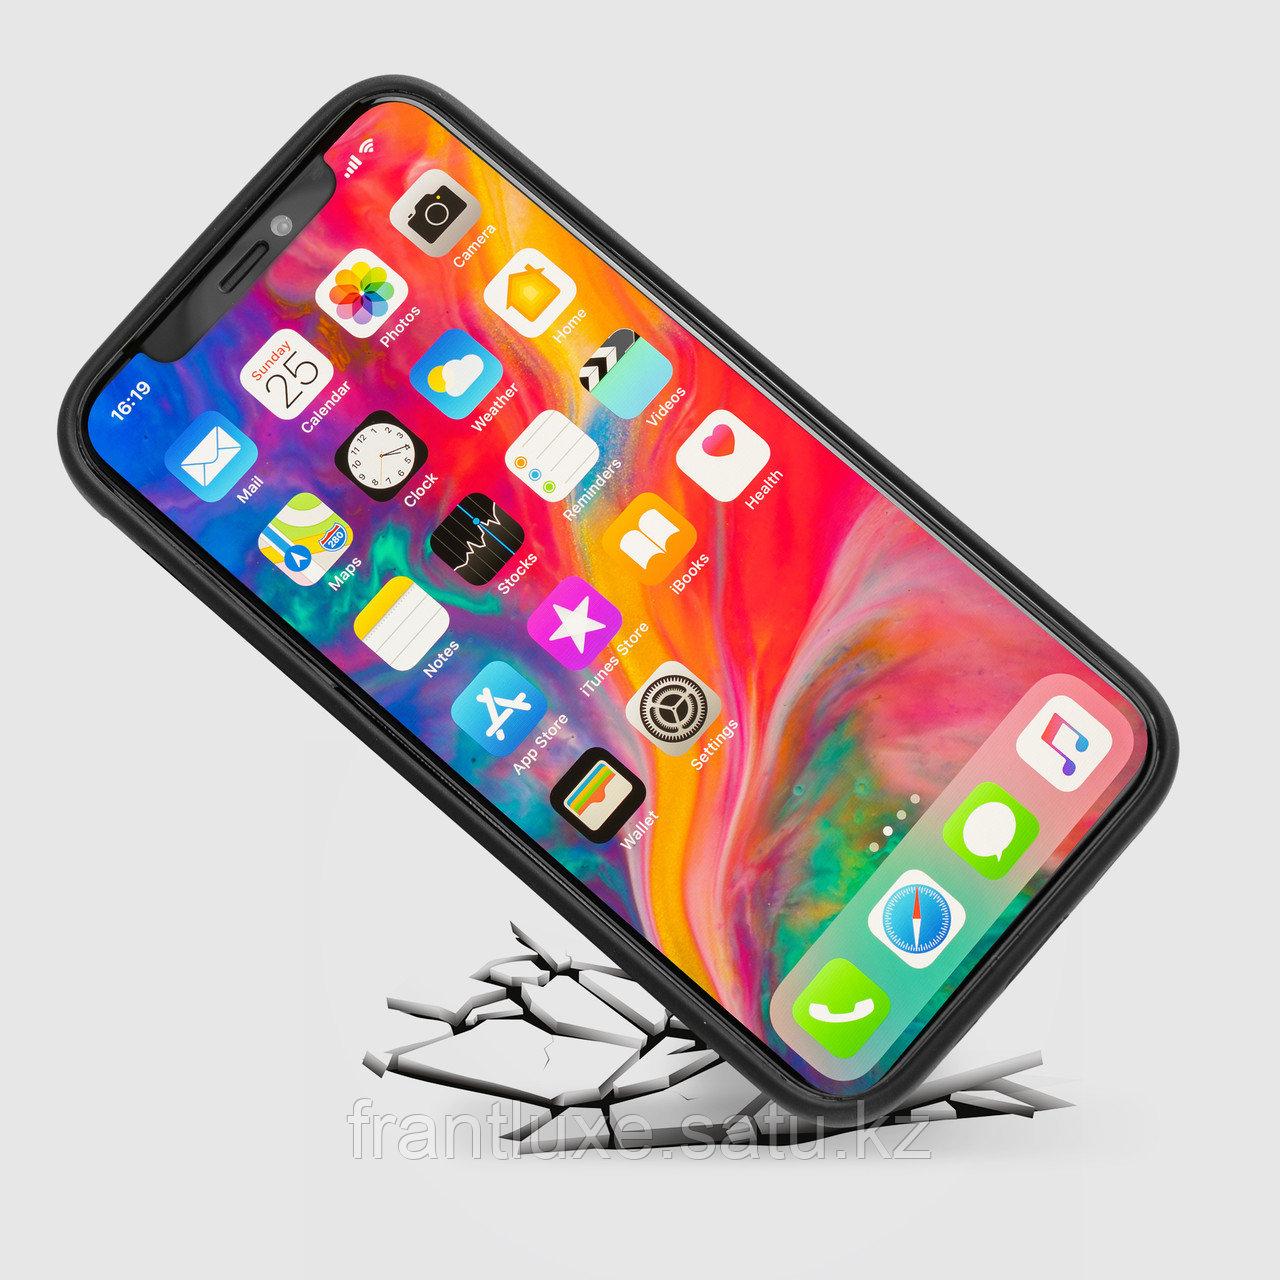 Чехол для телефона iPhone 12 Pro Max питон натуральный - фото 6